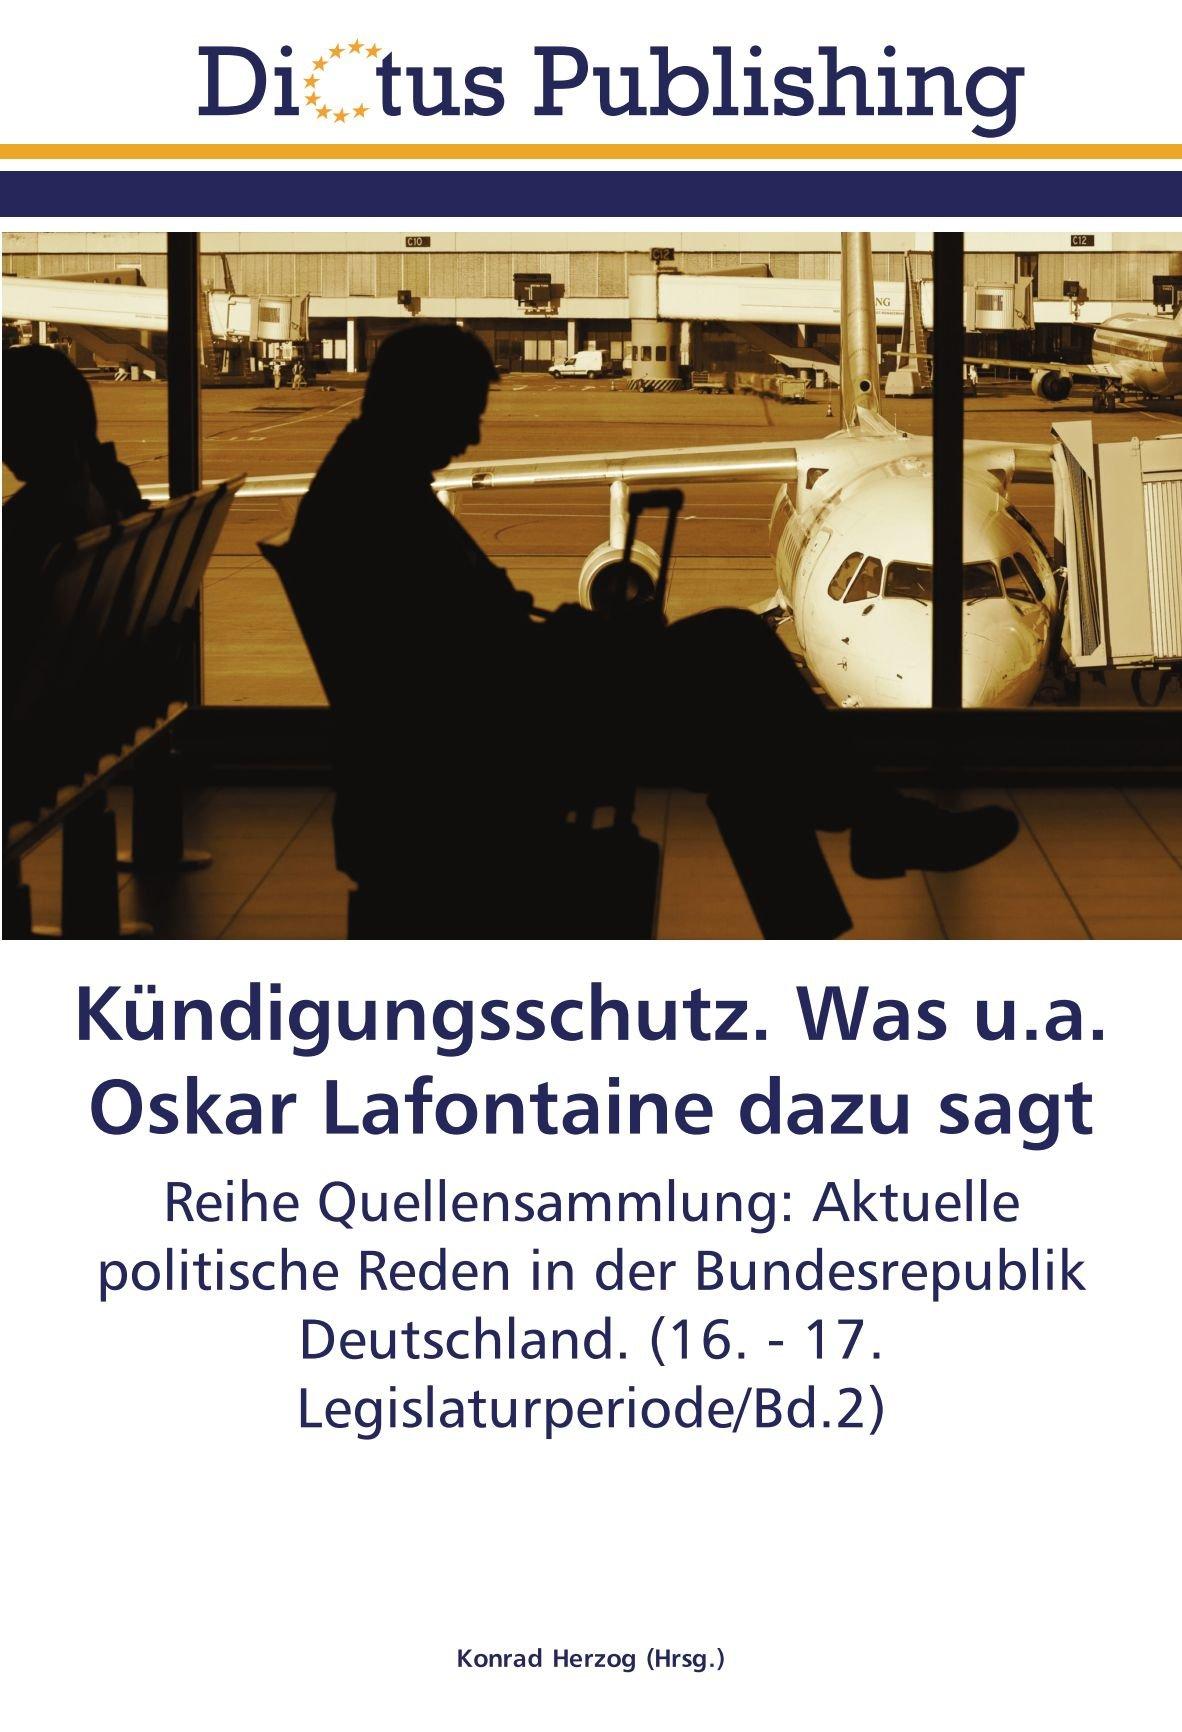 Kündigungsschutz. Was u.a. Oskar Lafontaine dazu sagt: Reihe Quellensammlung: Aktuelle politische Reden in der Bundesrepublik Deutschland. (16. - 17. Legislaturperiode/Bd.2) (German Edition) ebook